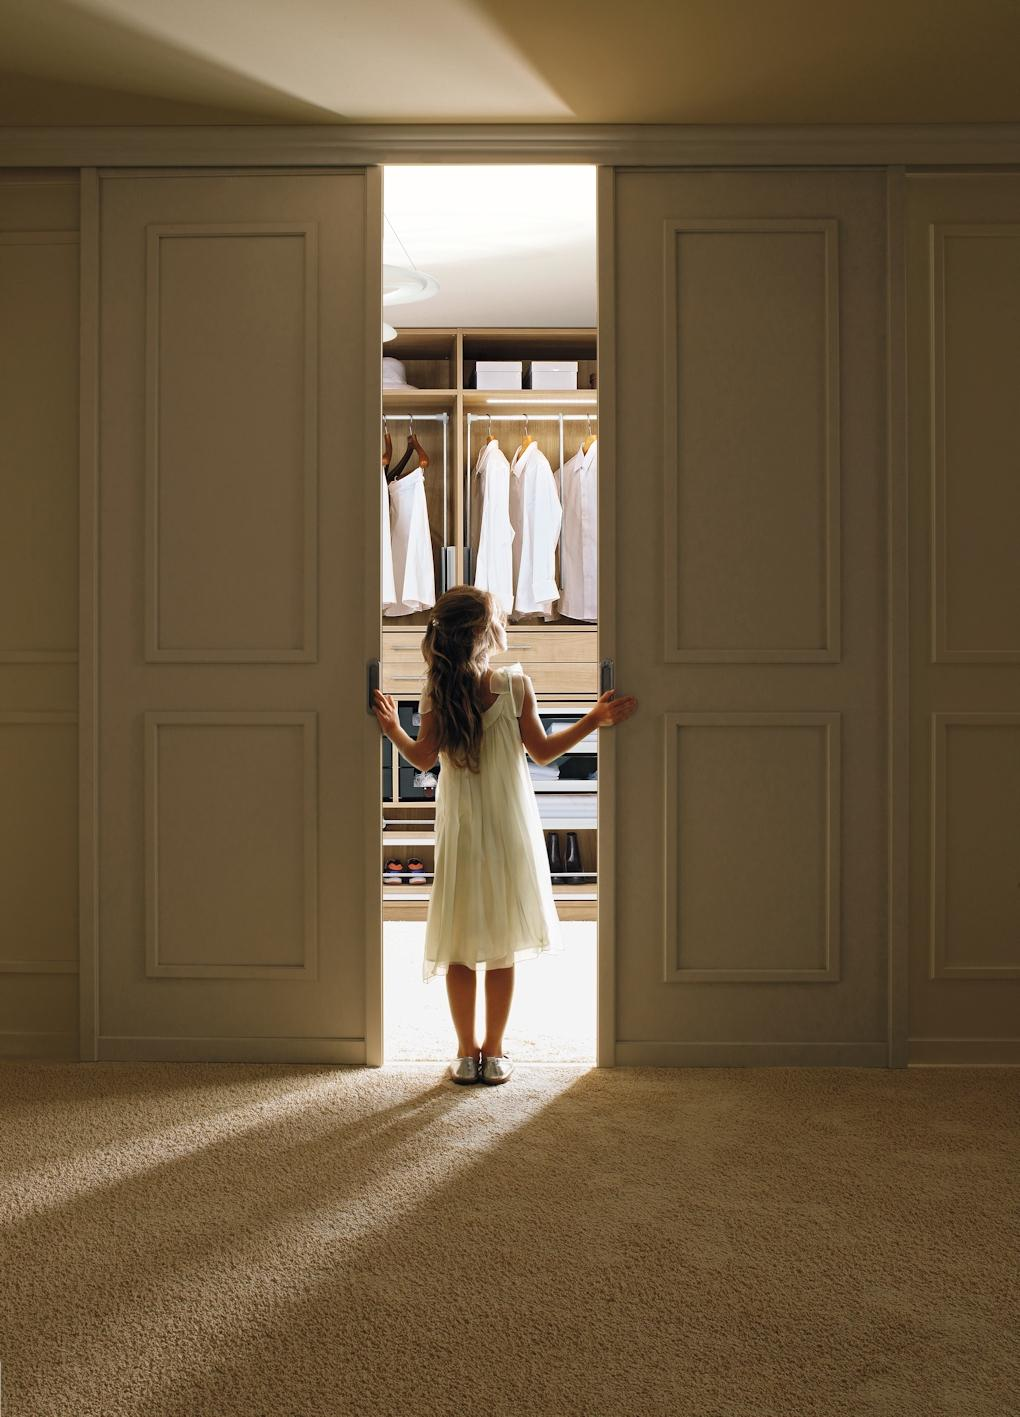 integrierter begehbarer kleiderschrank bilder id. Black Bedroom Furniture Sets. Home Design Ideas